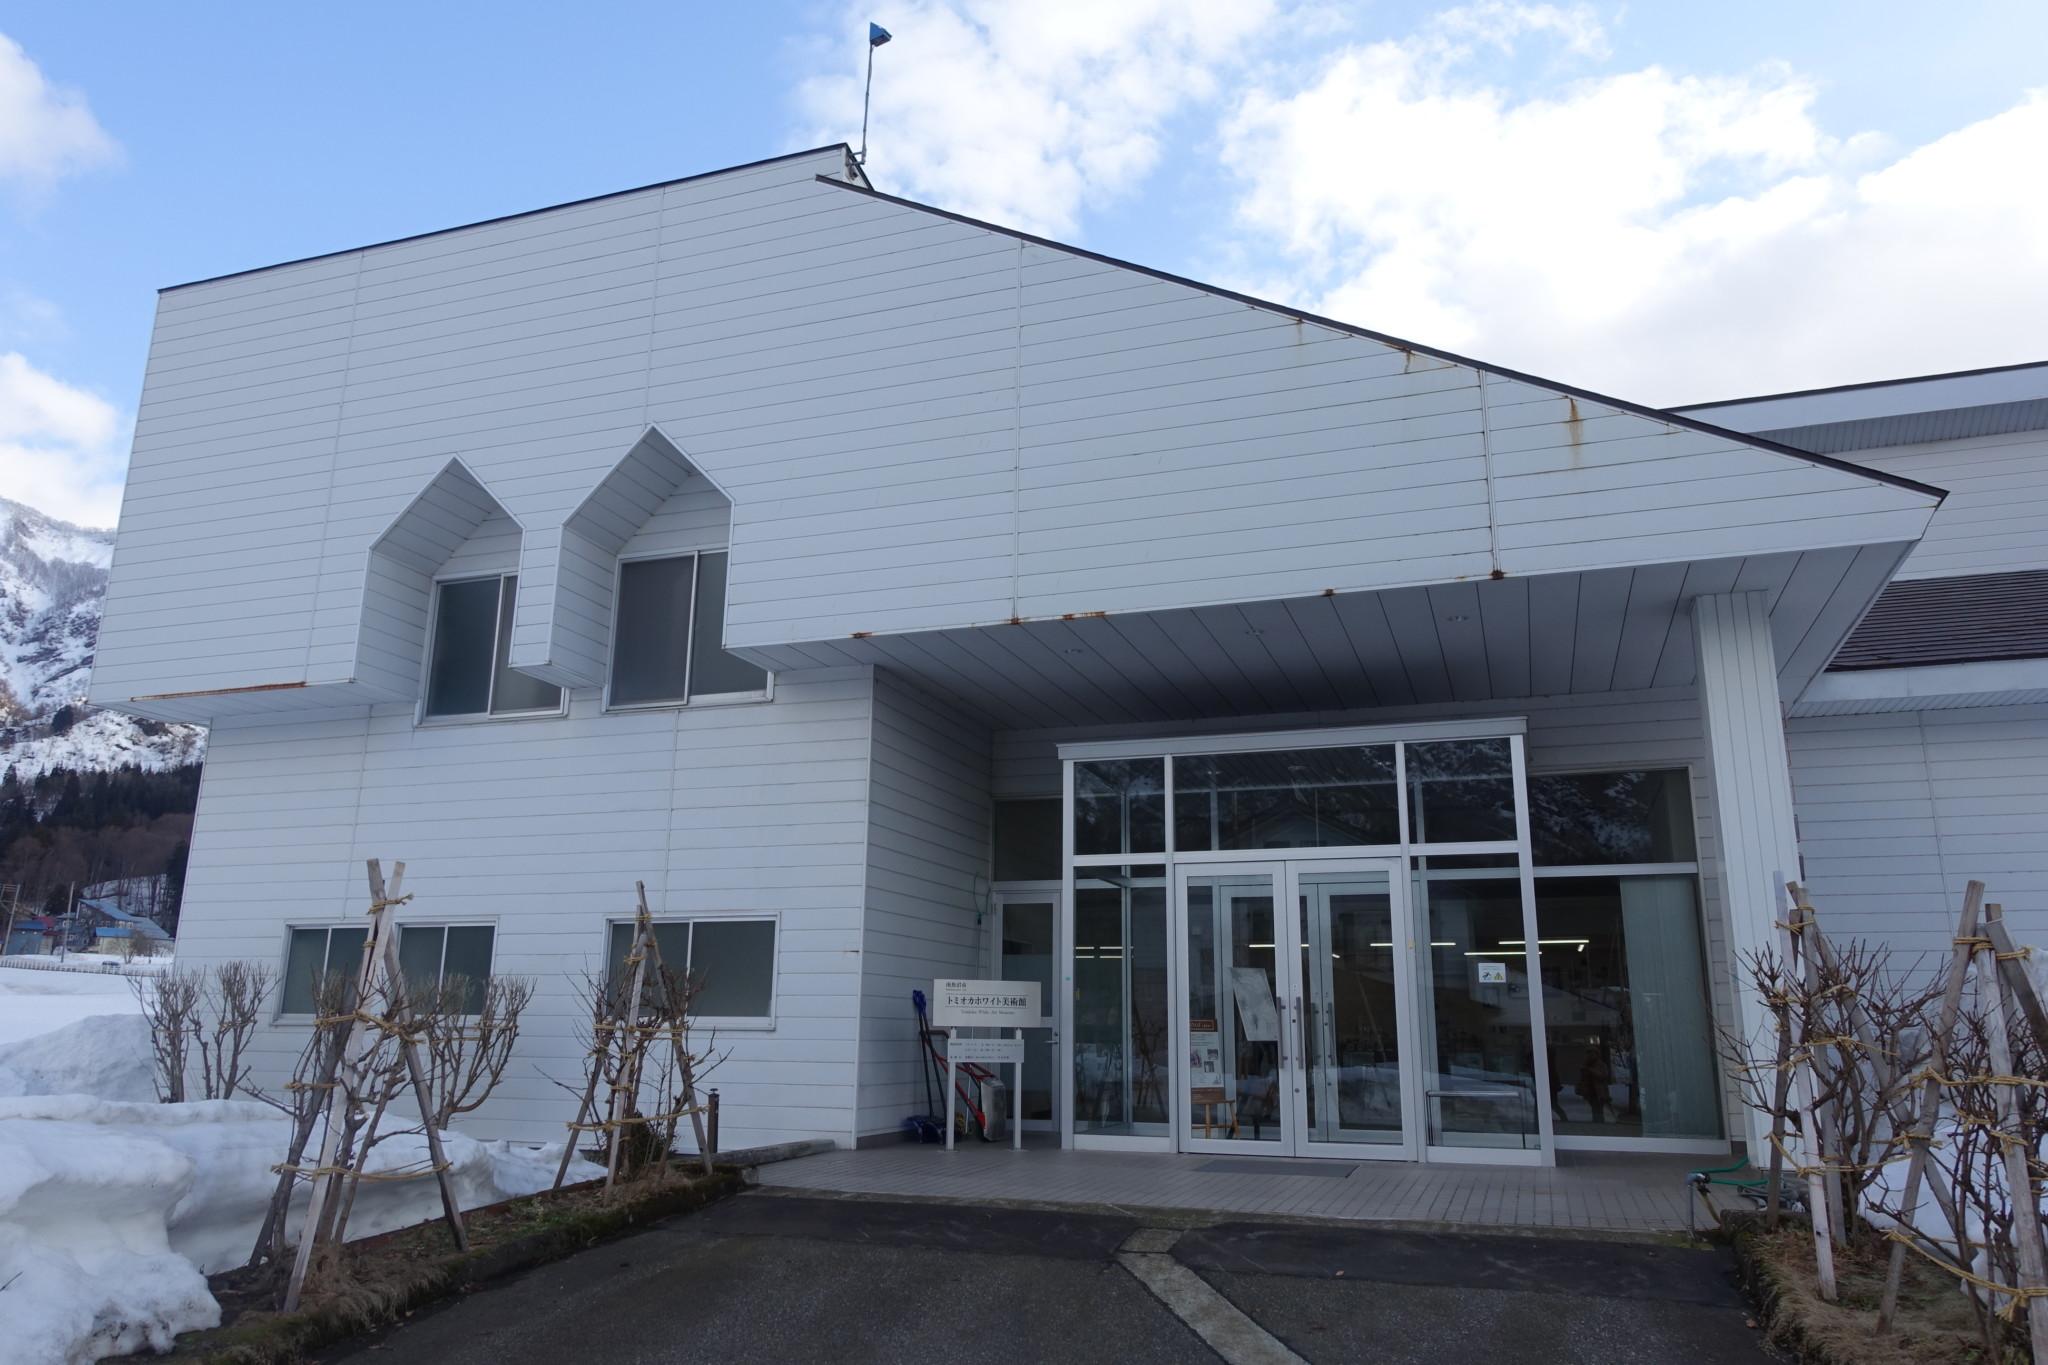 トミオカホワイト美術館